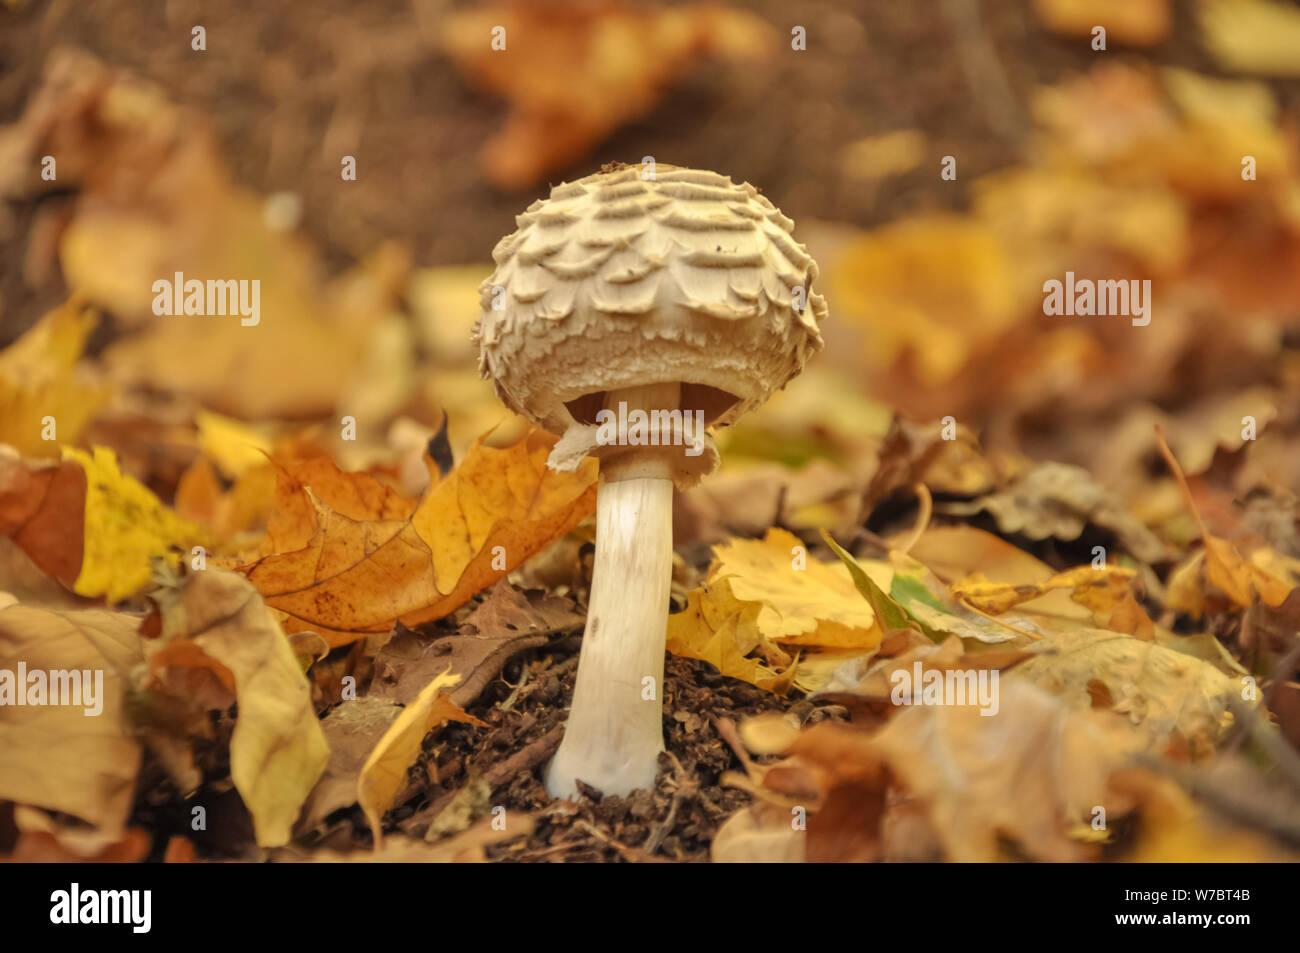 Hermoso blanco hongo venenoso en hojas amarillas, temporada de otoño. Poco hongos frescos que crecen en otoño de bosque. Setas concepto de copia. Foto de stock